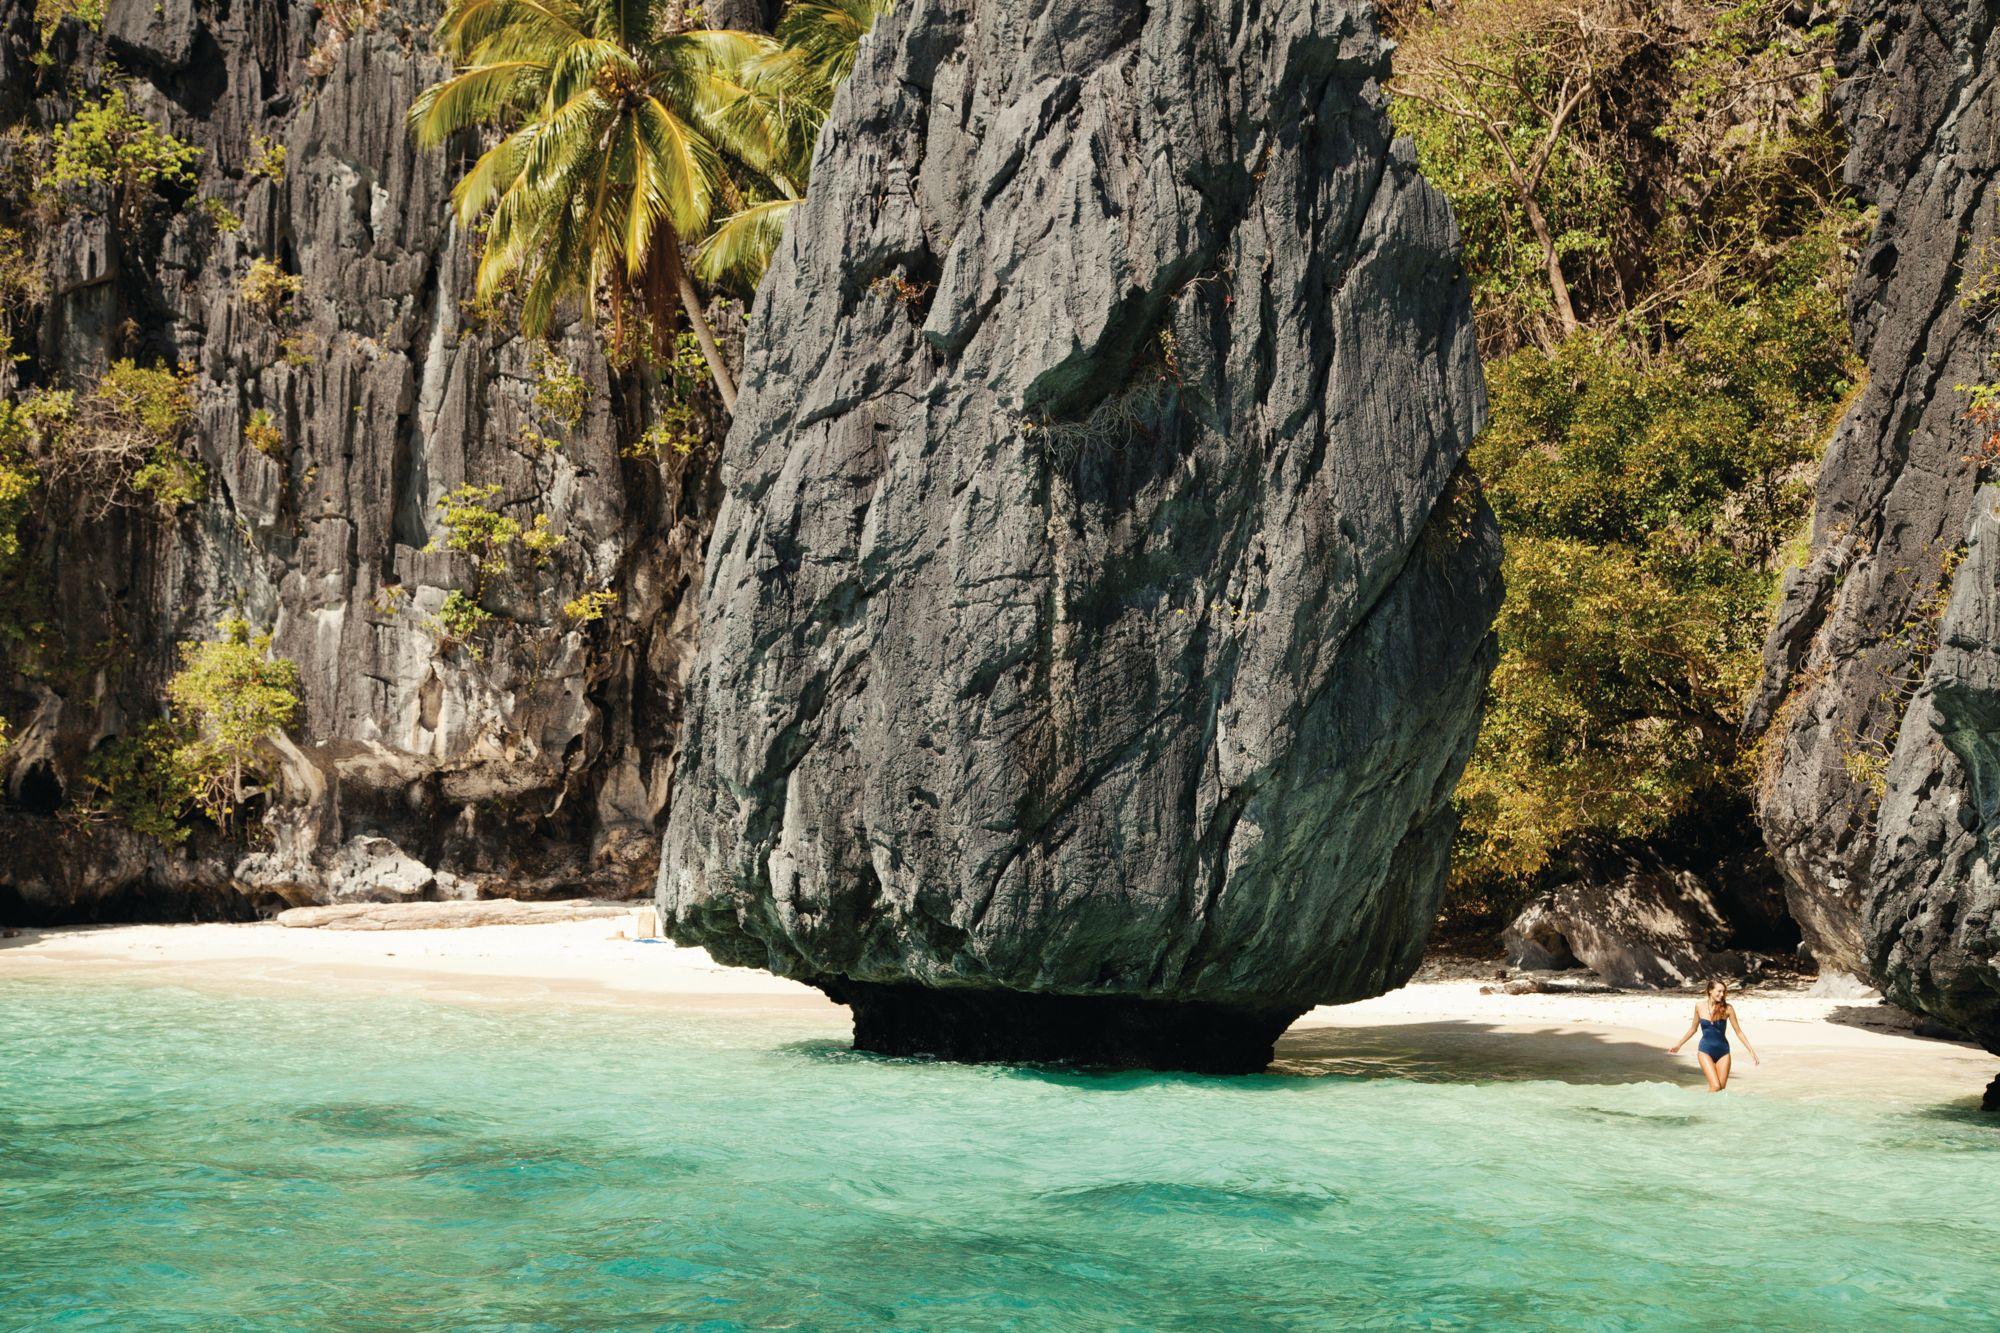 Những vách đá vôi lởm chởm và những vũng nhỏ ẩn giấu đặc trưng của El Nido, Palawan